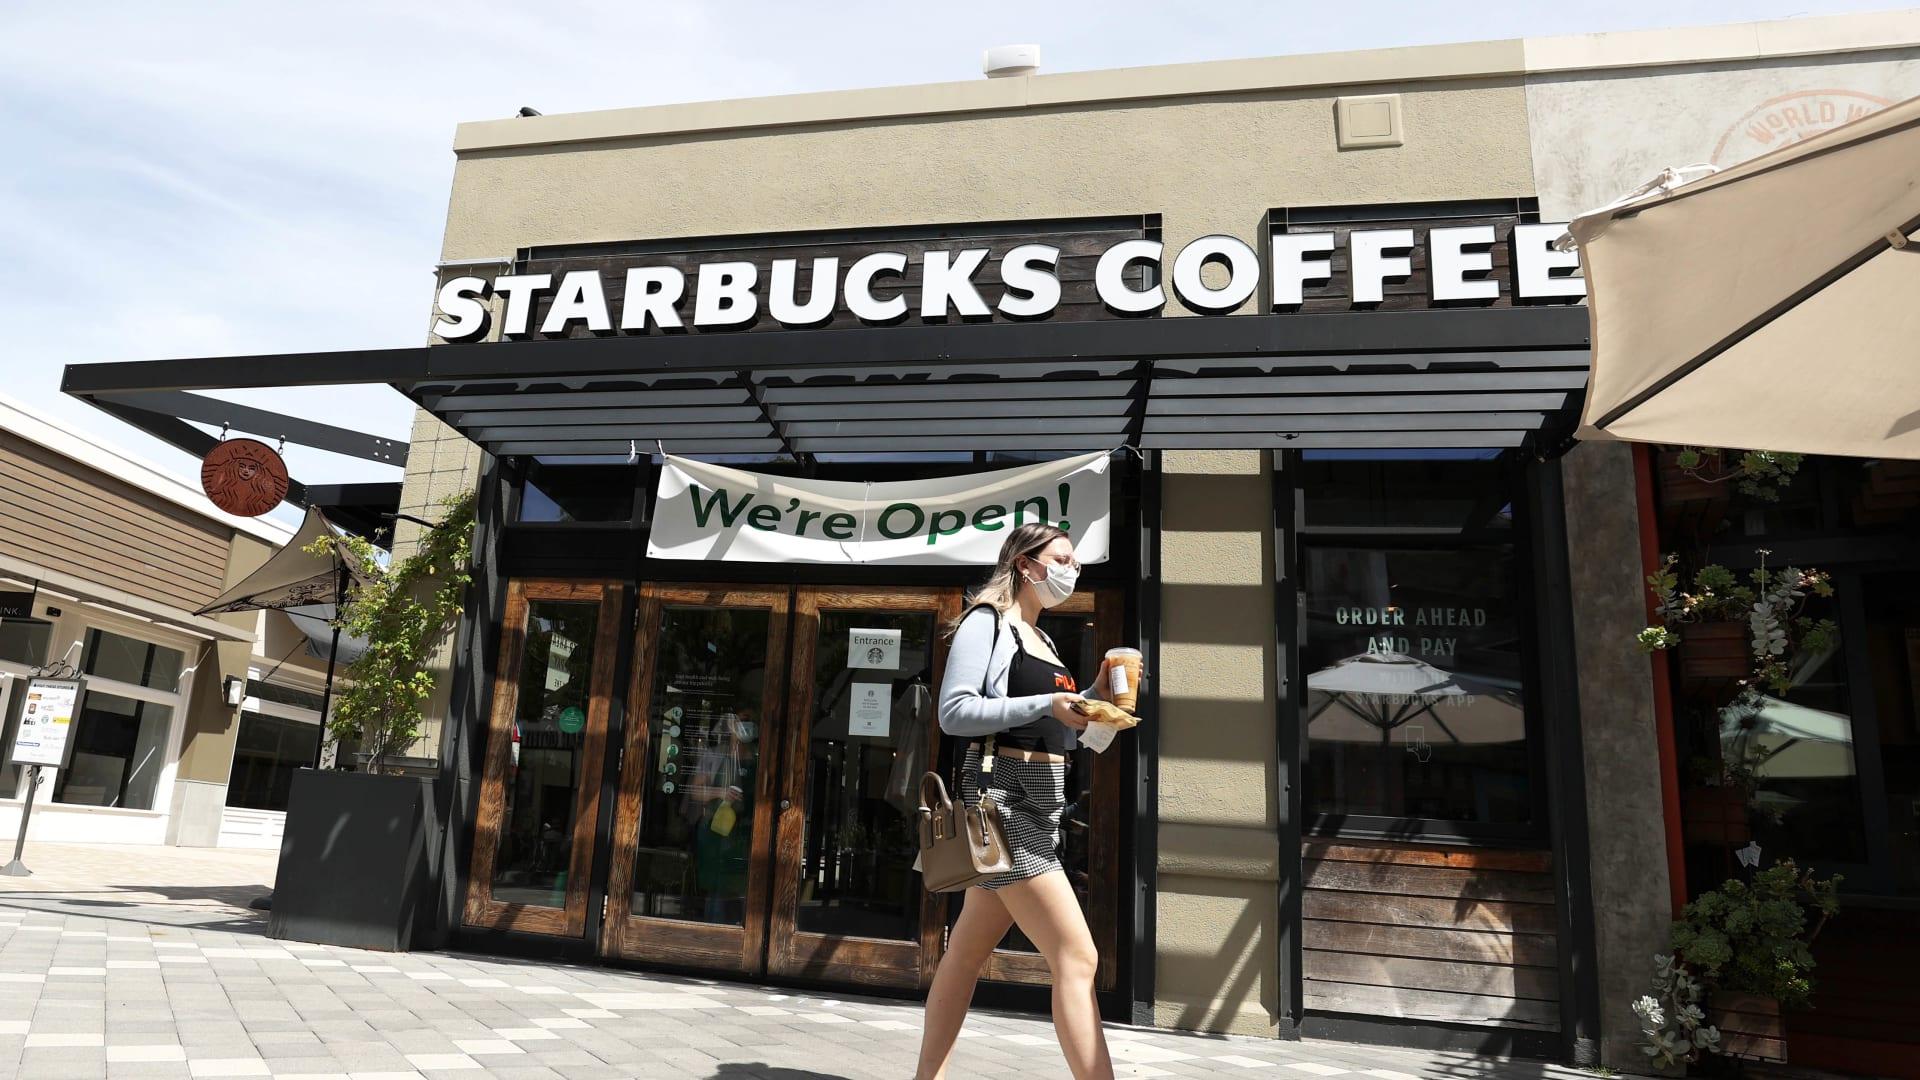 A Starbucks Coffee store in Corte Madera, California.